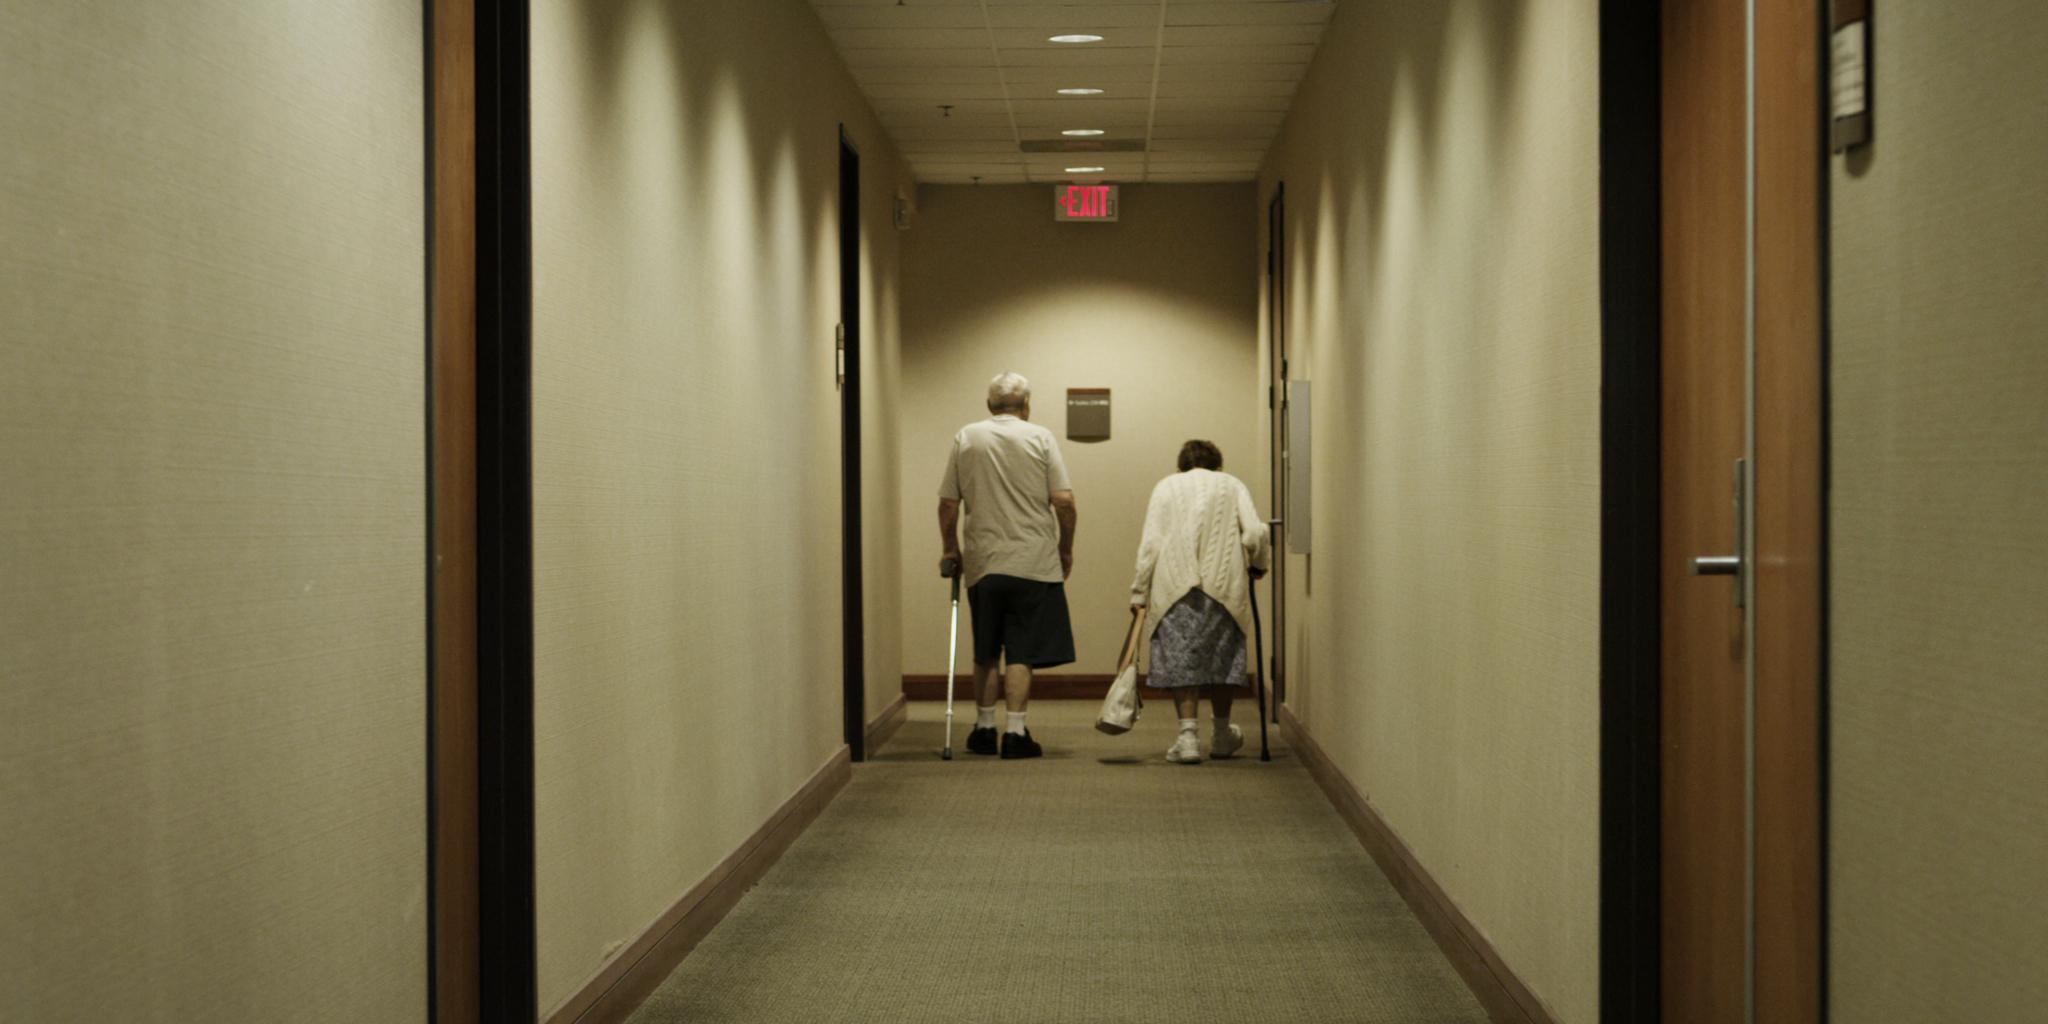 8_990_P_Joe walk down hallway.jpg